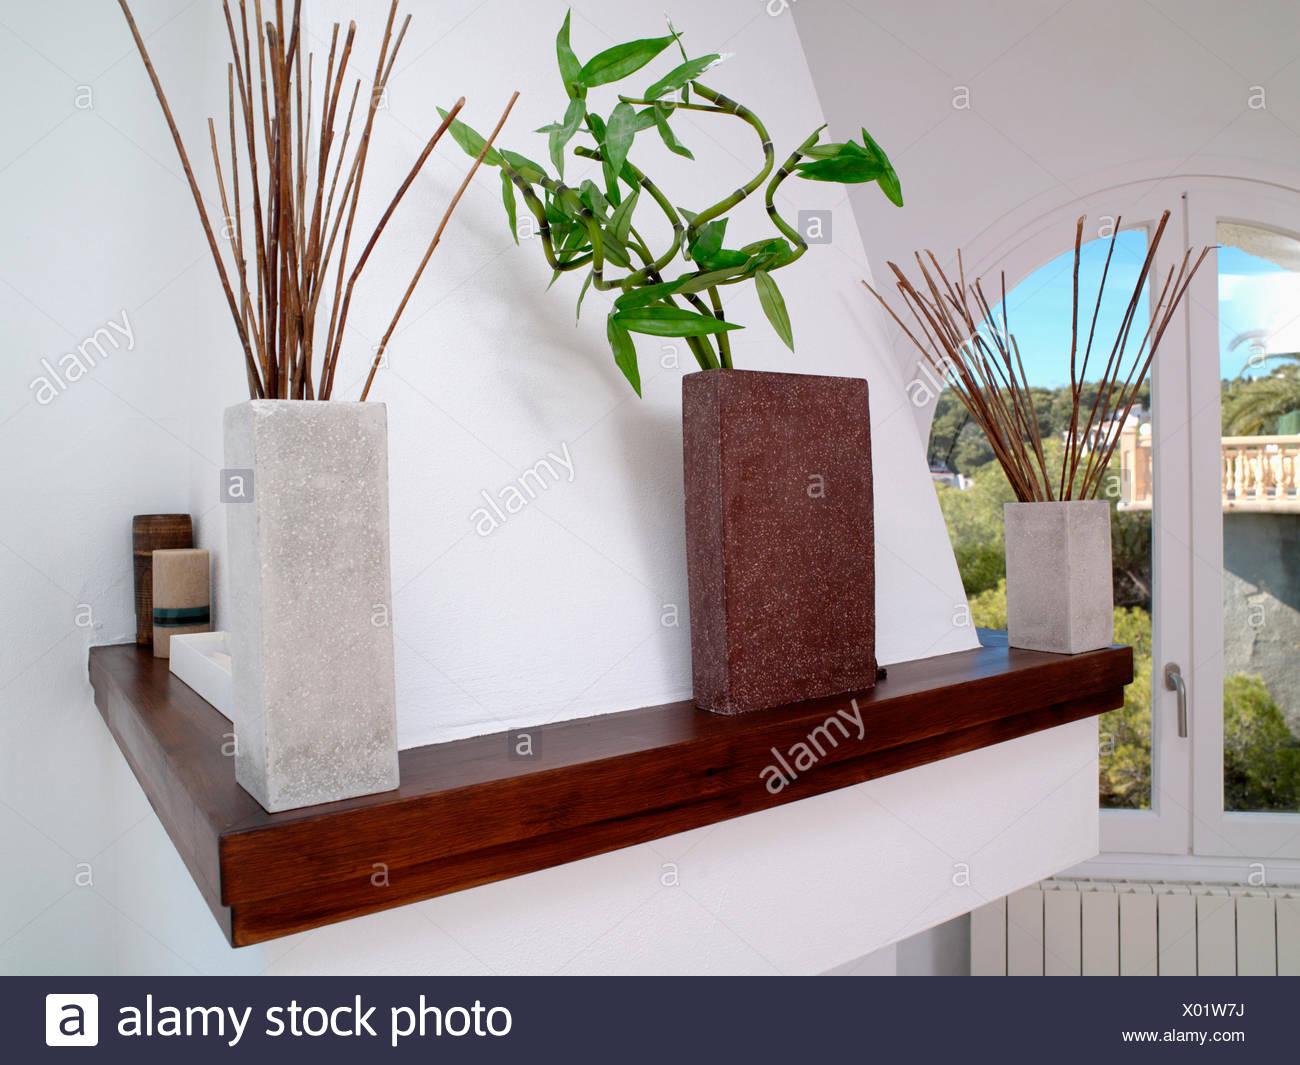 Große rechteckige Vasen mit Laub und Zweige am Regal im modernen ...